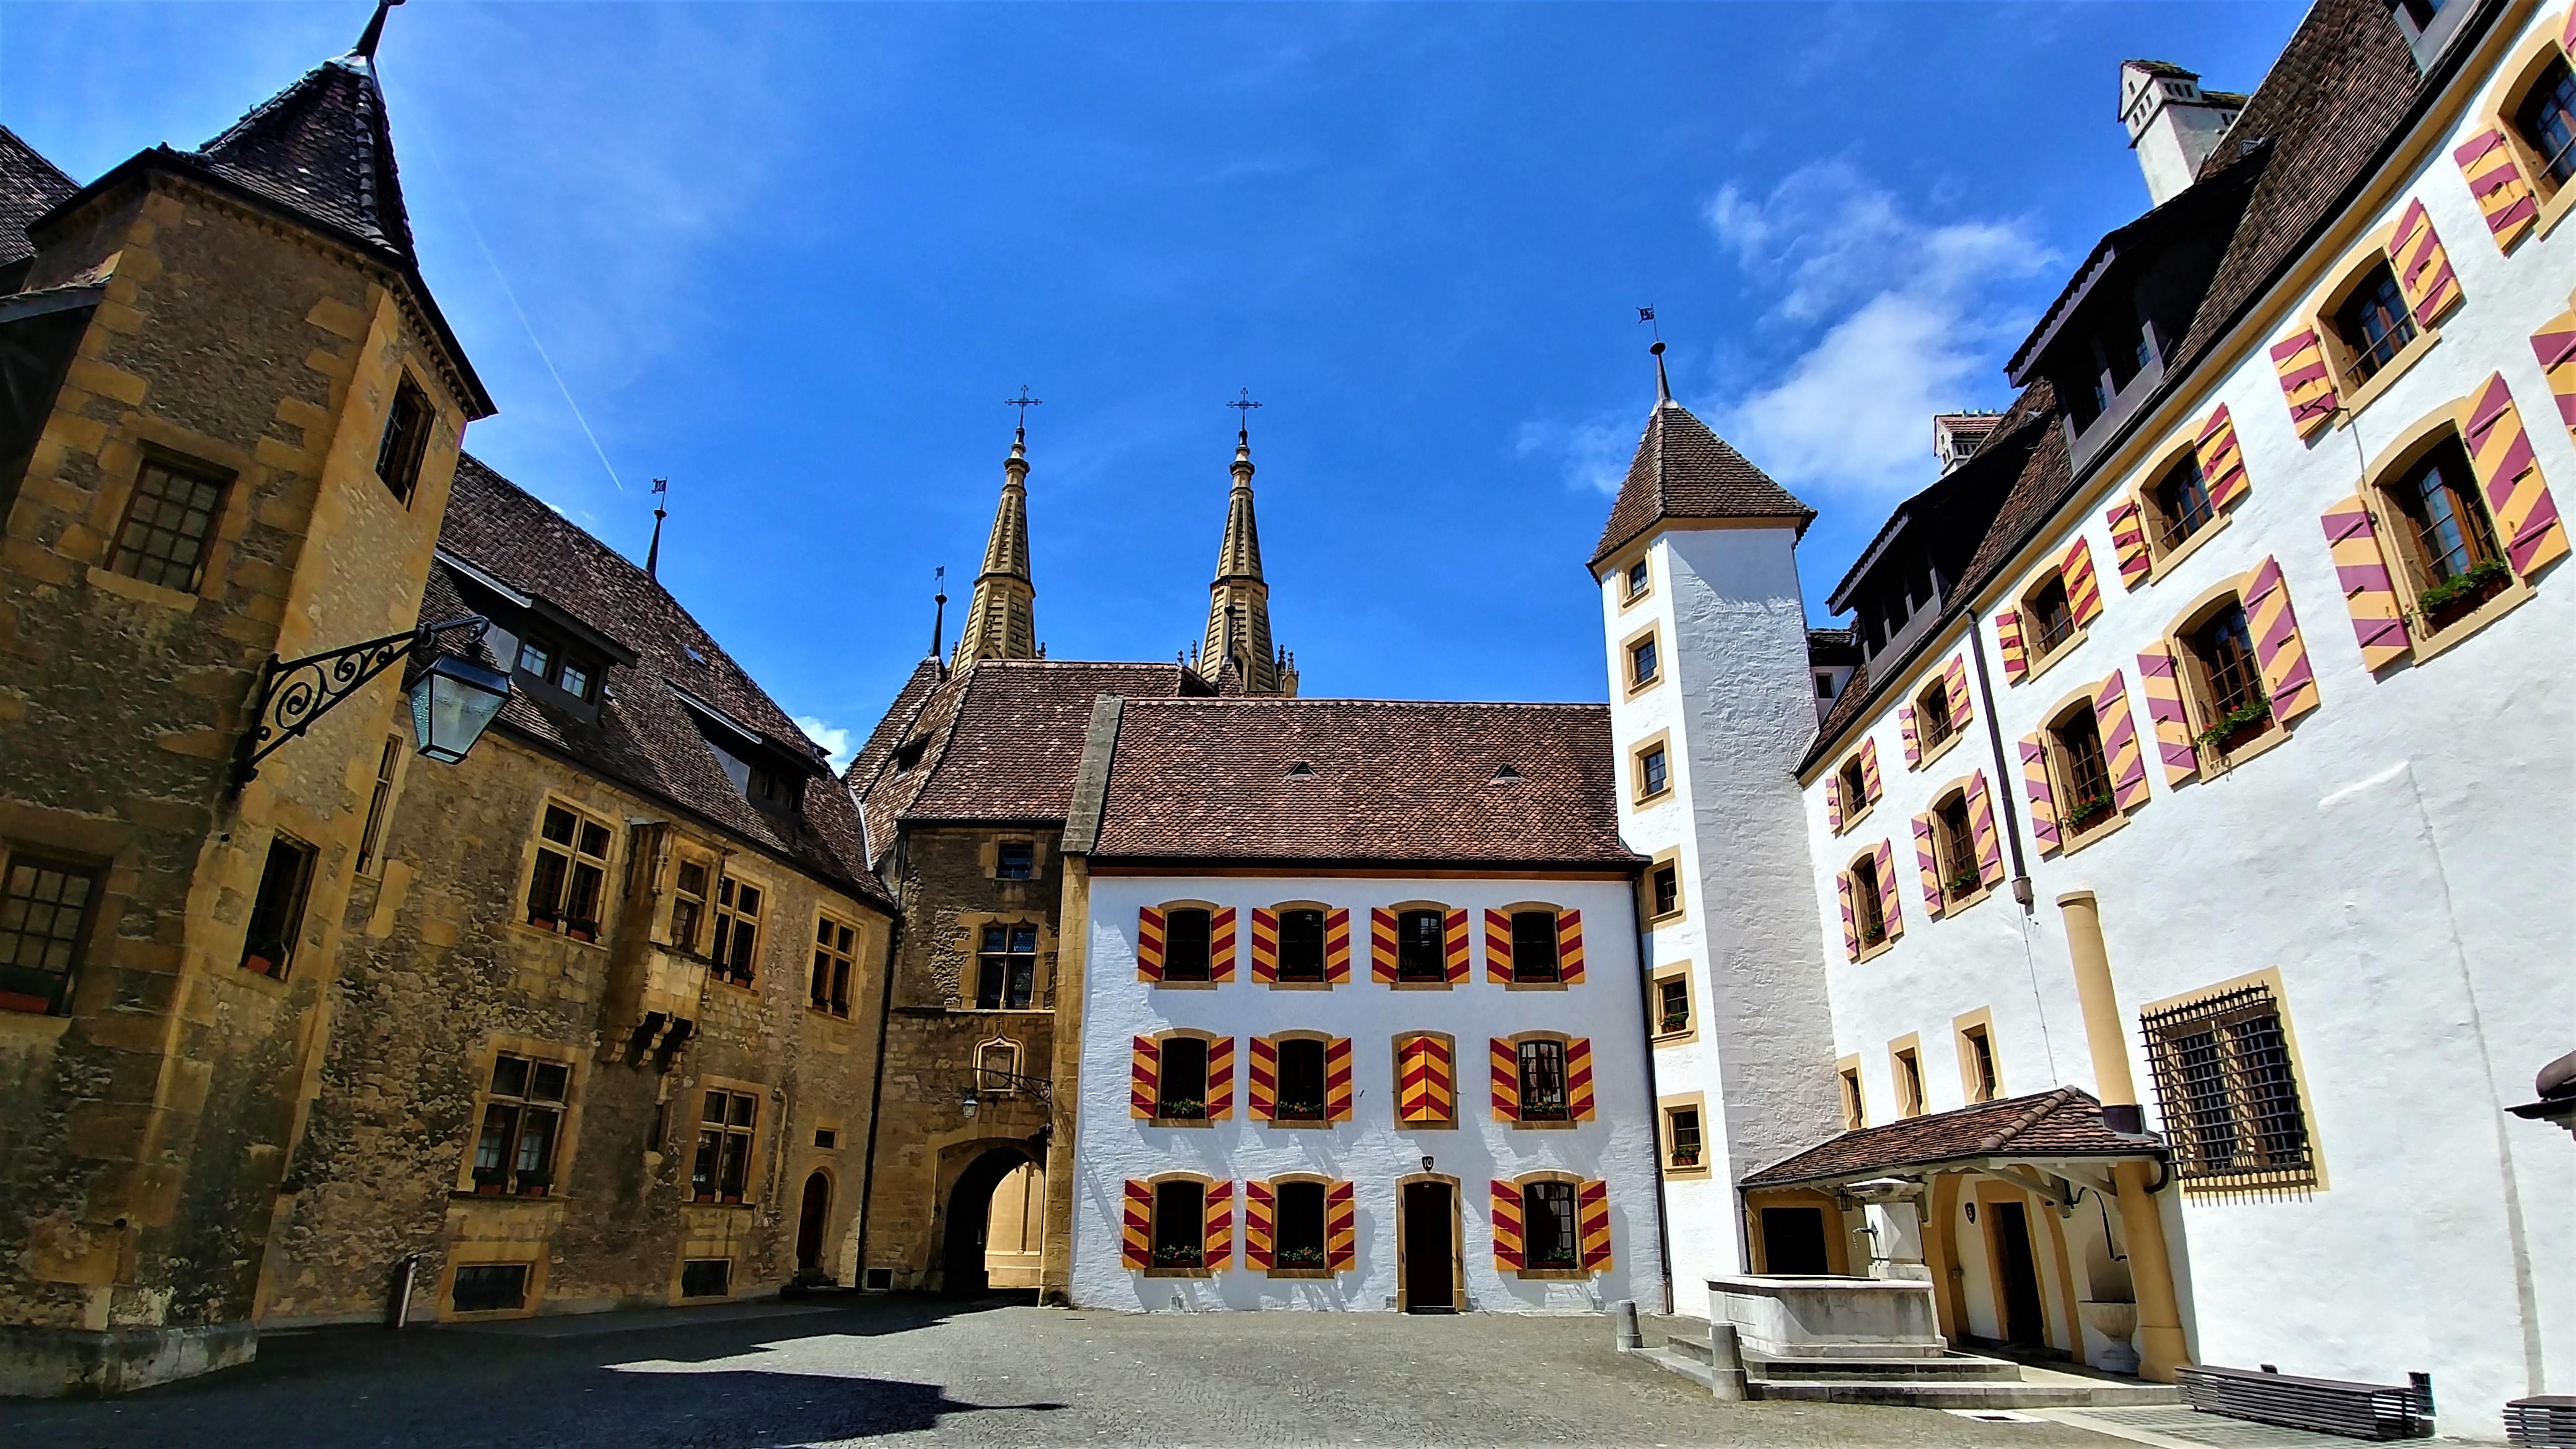 Neuchatel visiter chateau vieille ville suisse romande blog voyage europe eurotrip arpenter le chemin